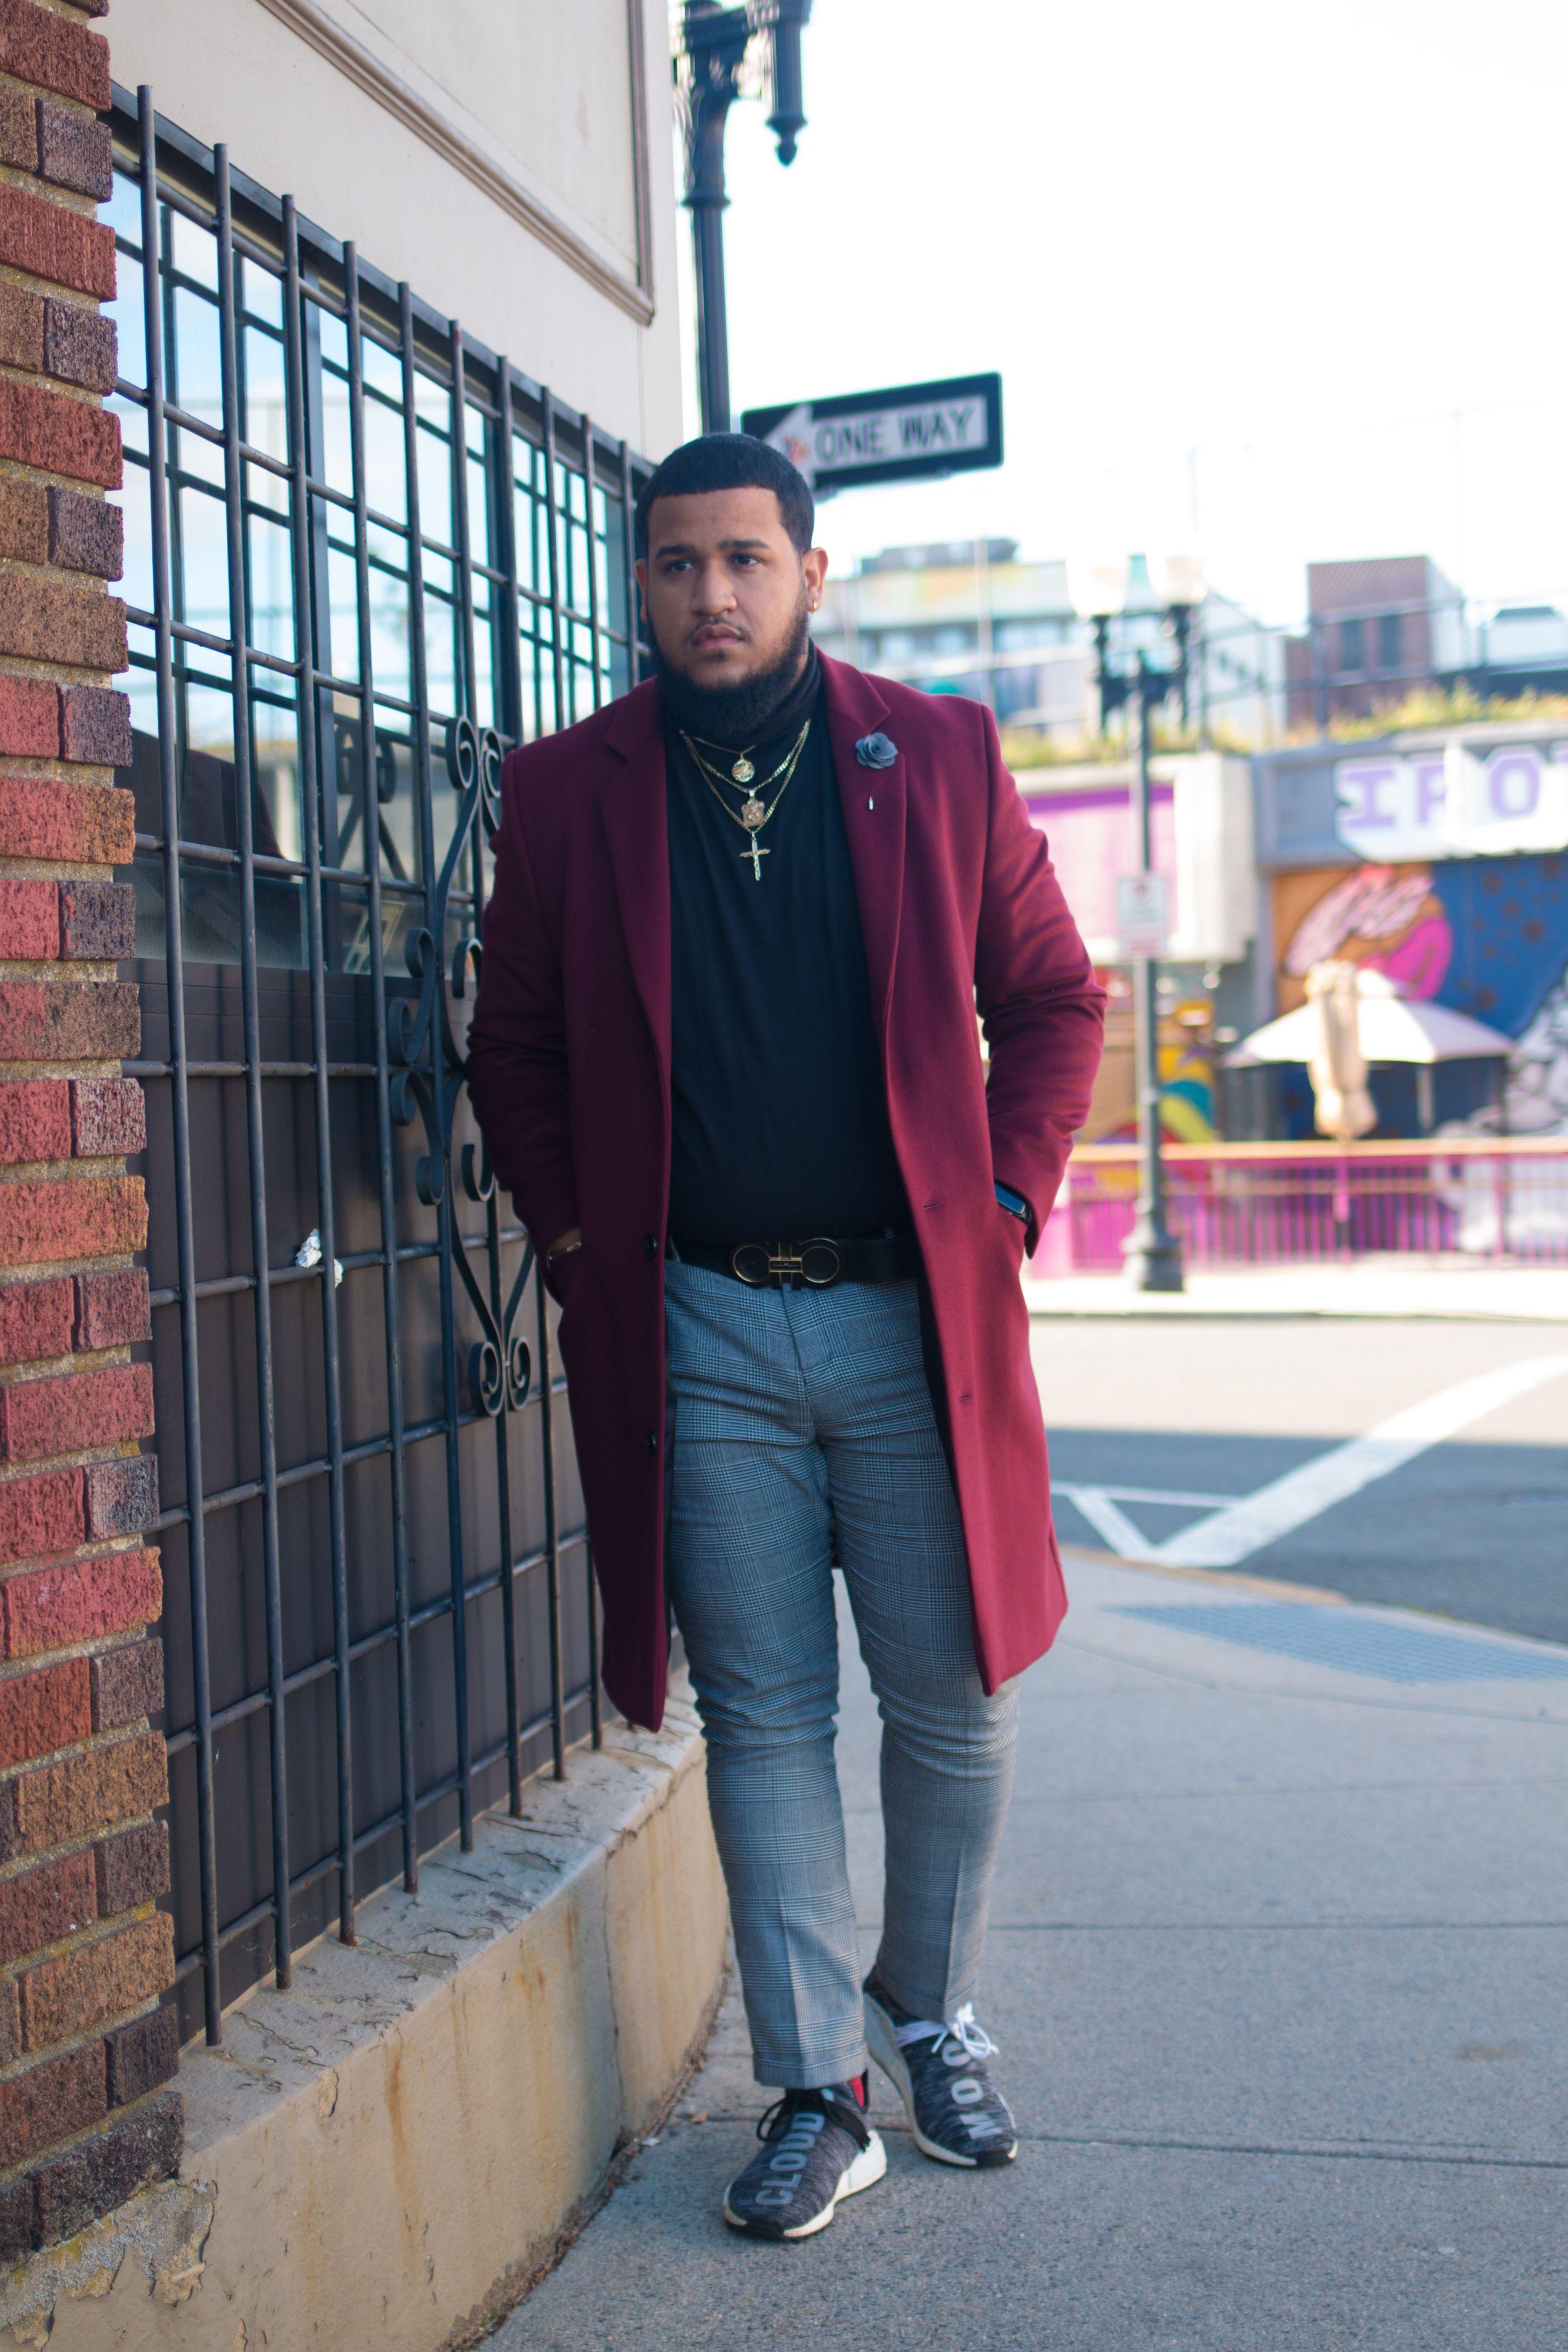 Adidas, Street Wear, Fall Fashion, Urban Wear, Plus Size ...